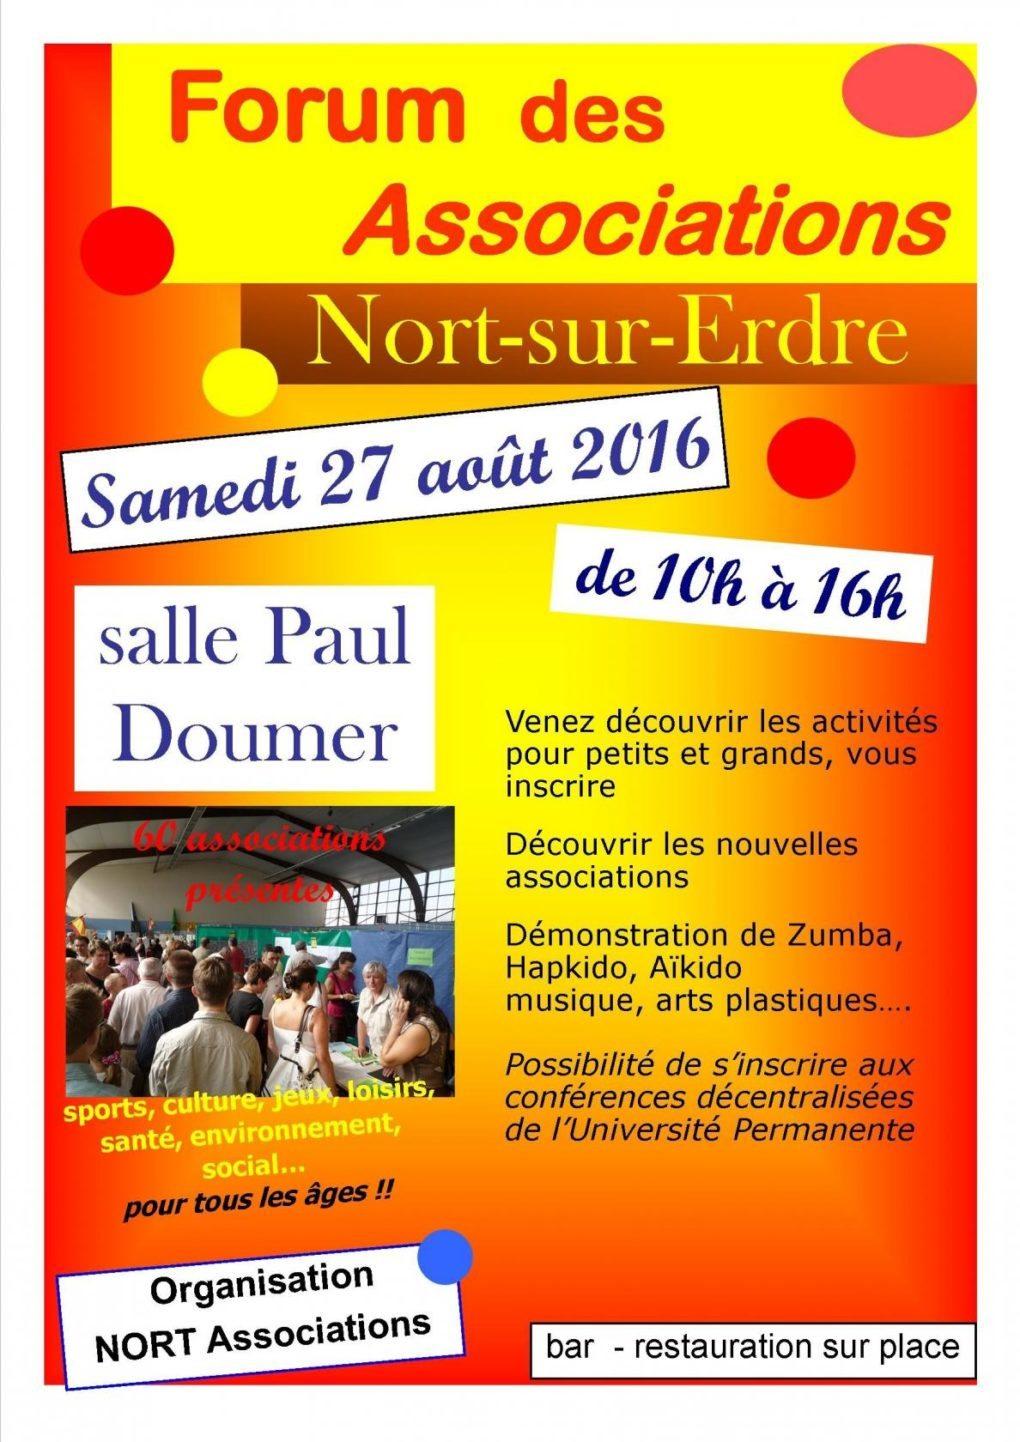 Polyglotte au Forum des associations Nort-sur-Erdre